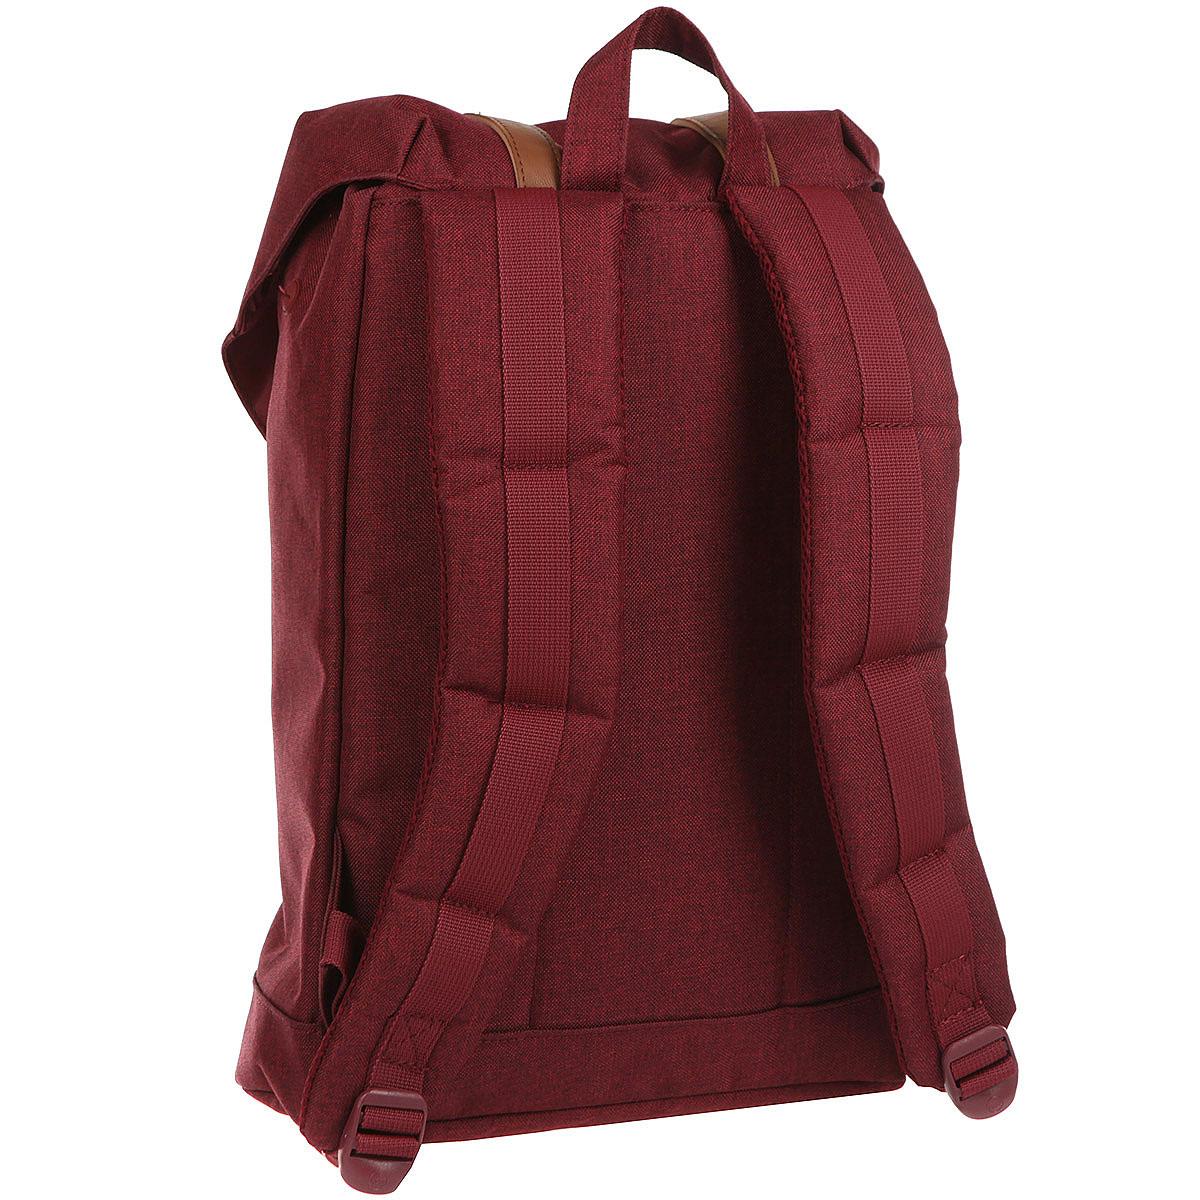 Рюкзак Herschel Retreat Mid-volume Winetasting Crosshatch/Tan Synthetic Leather